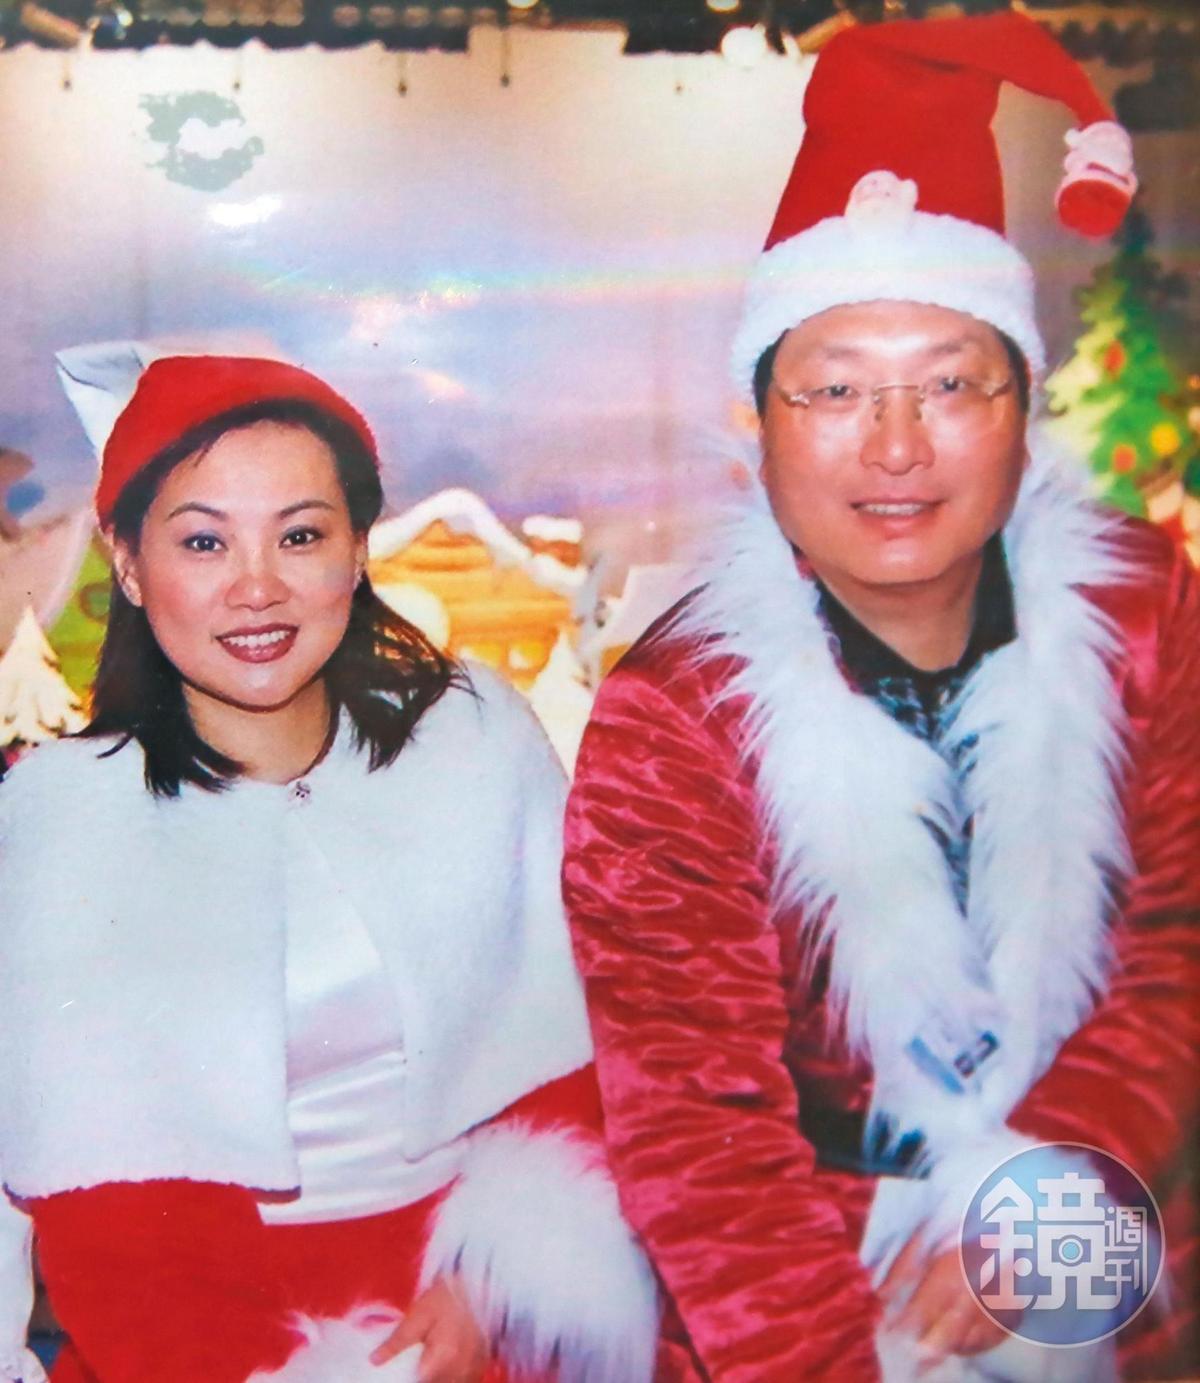 王令麟(右)與蔡咪咪(左)在遭力霸案波及前,經常一起從事公益活動。(翻攝畫面)